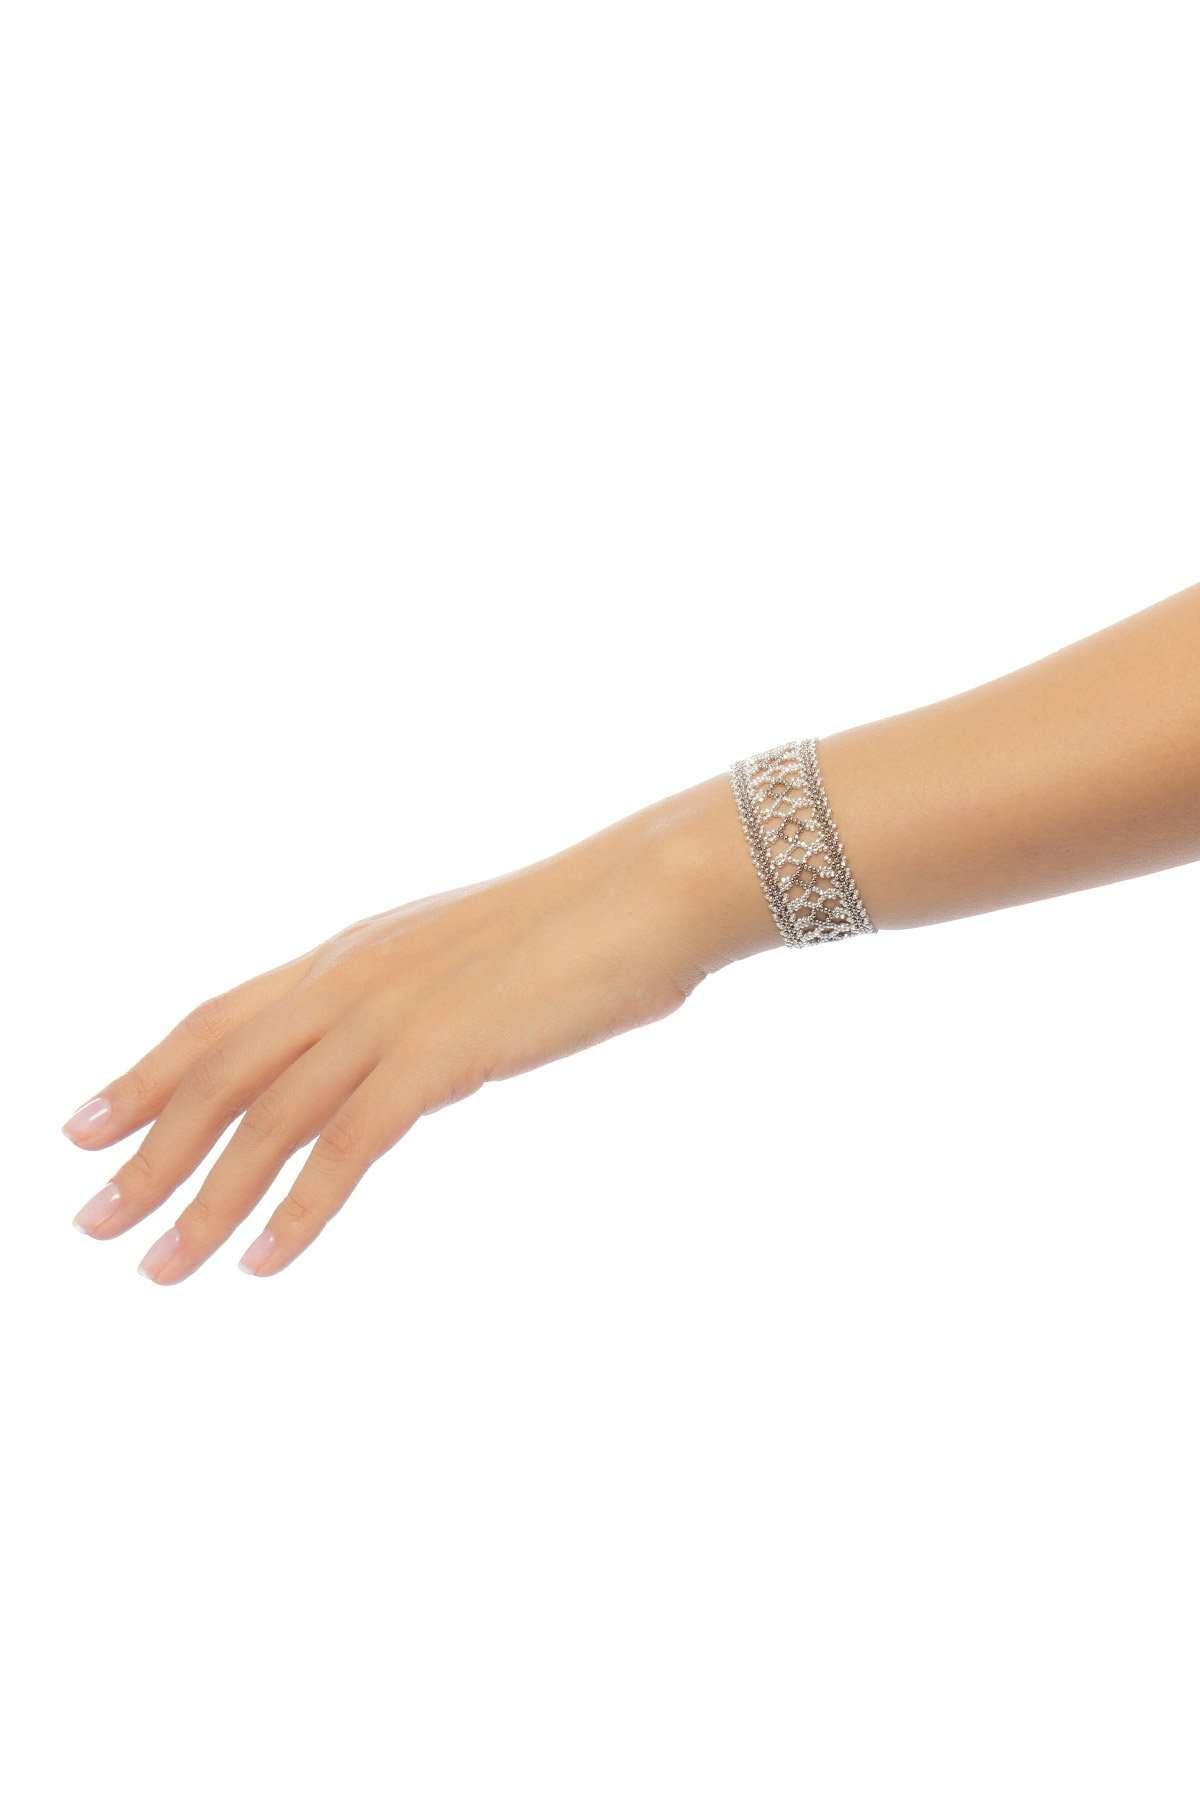 009-brazalete-mediano-tejido-abierto-plata-platino-alt1